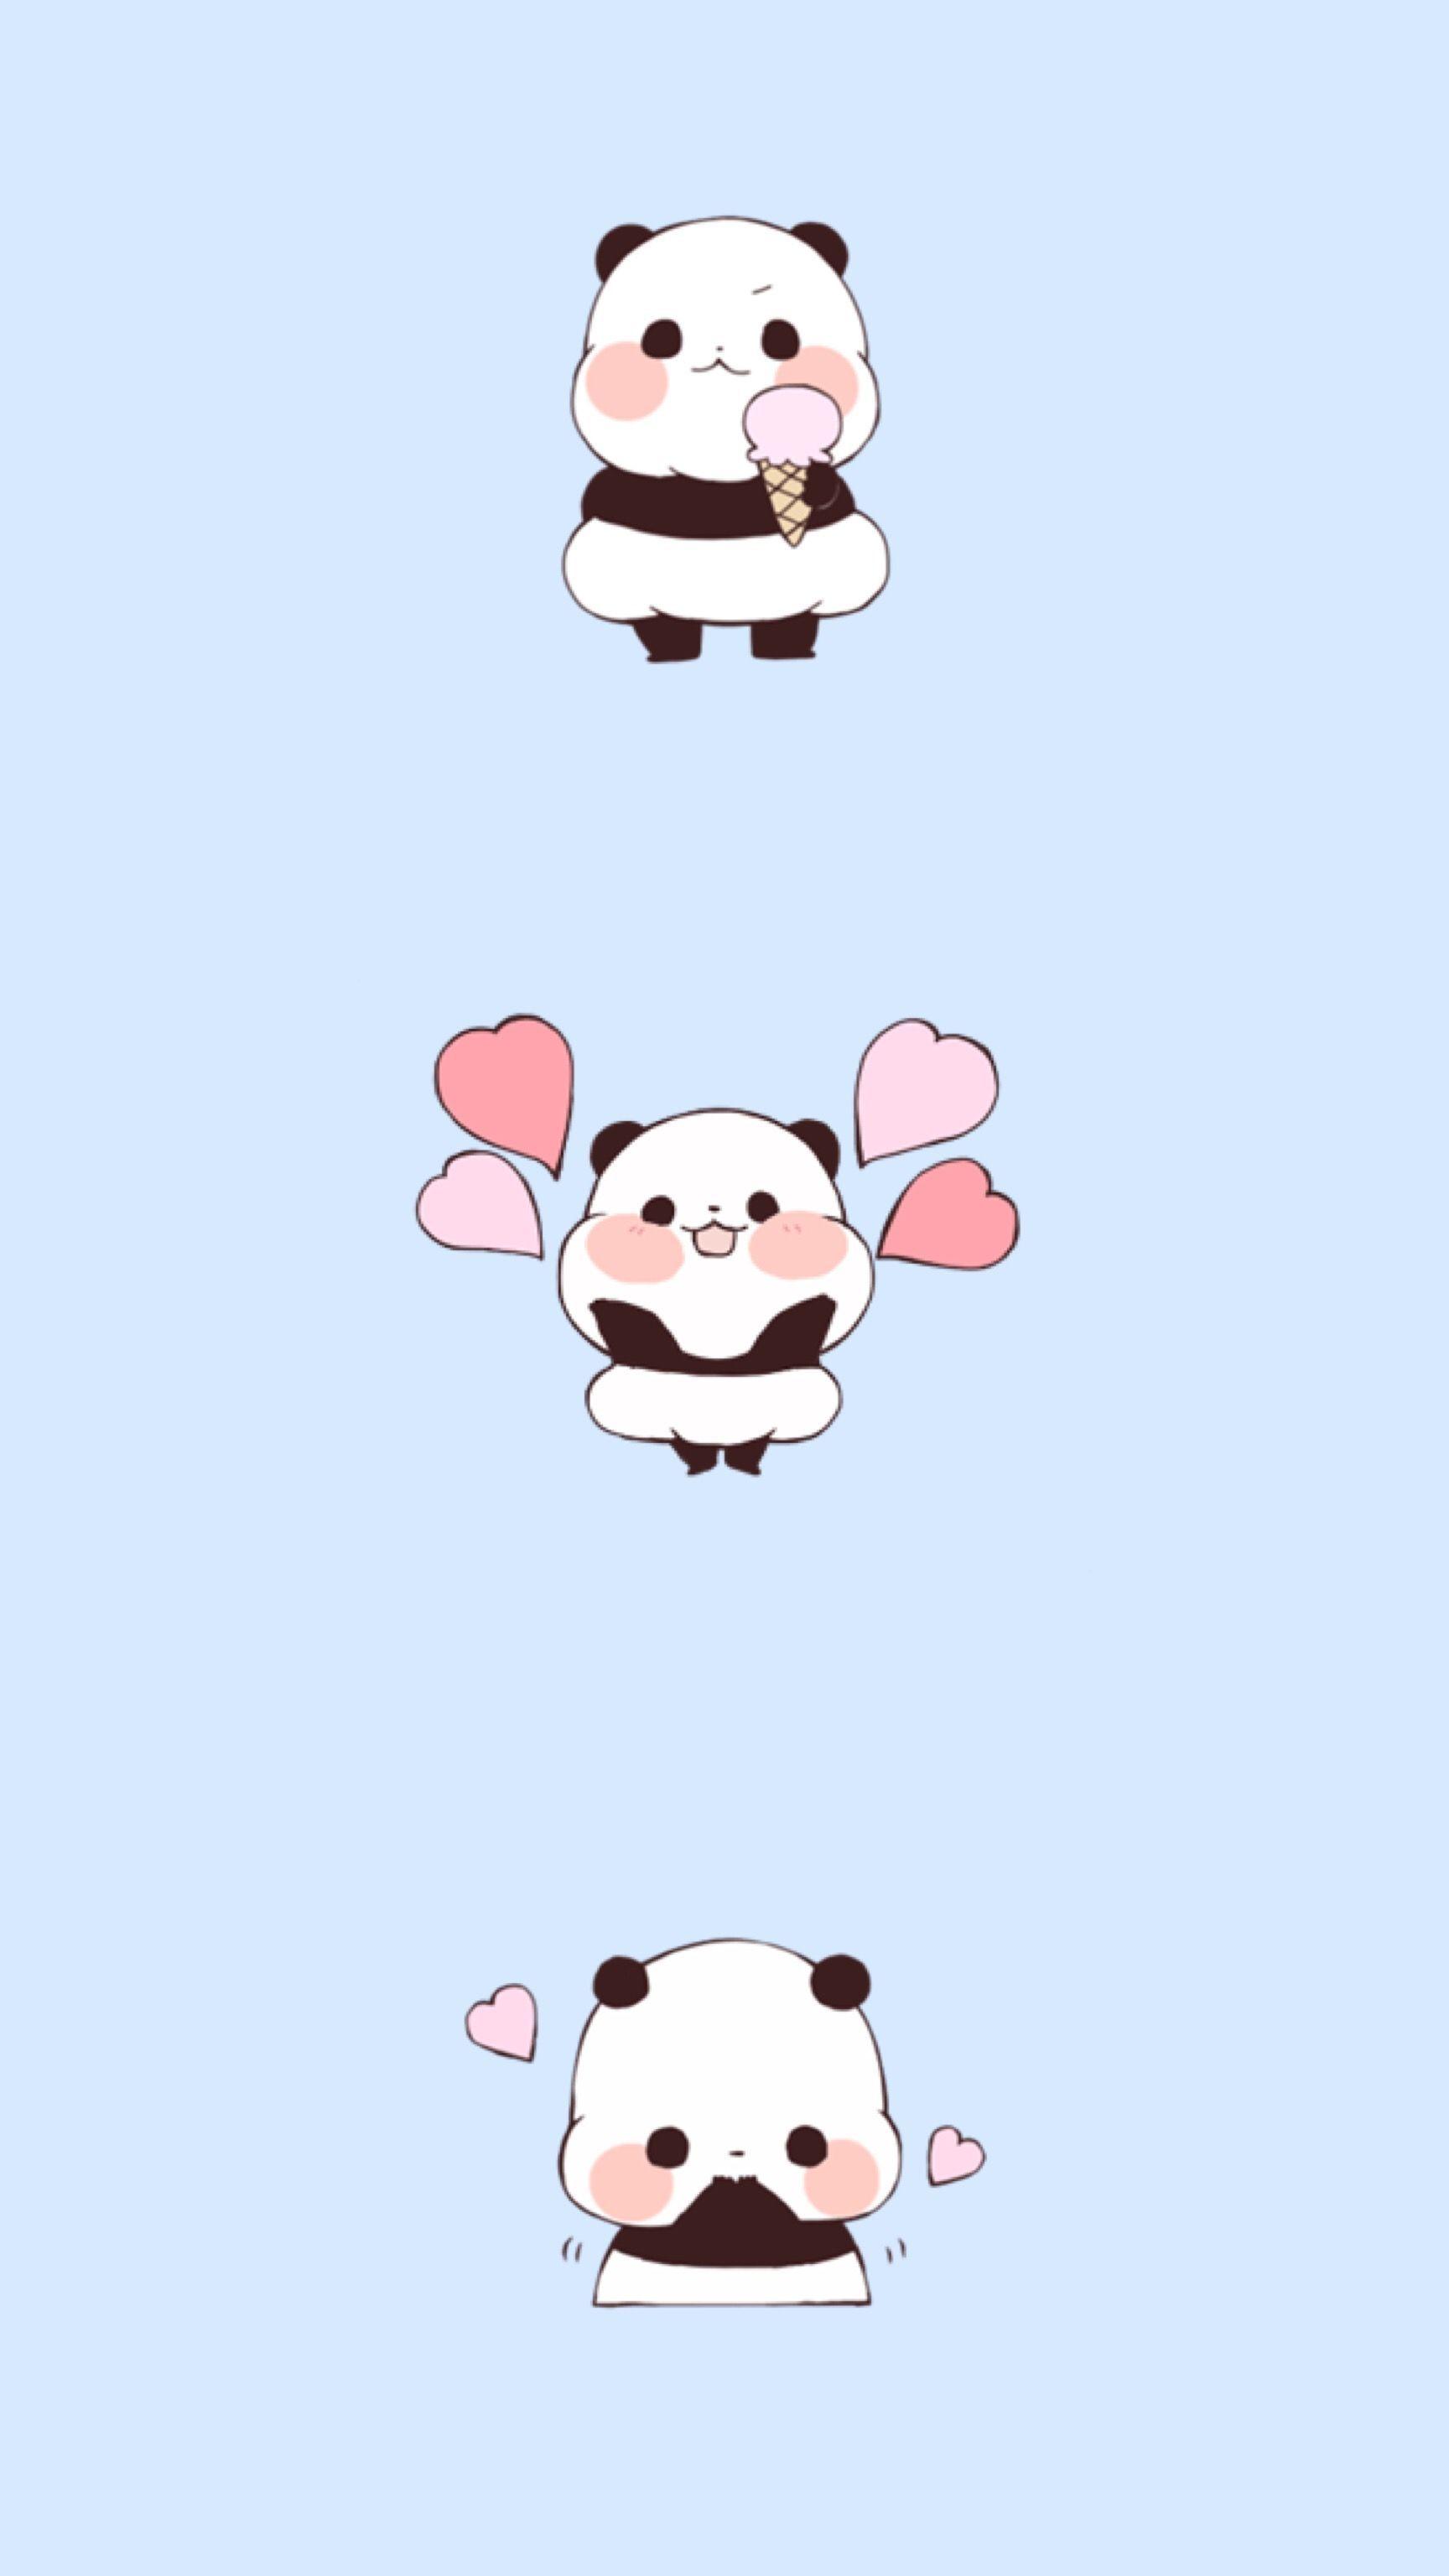 Cutewallpaperbackgrounds Cute Panda Wallpaper Bear Wallpaper Cute Cartoon Wallpapers